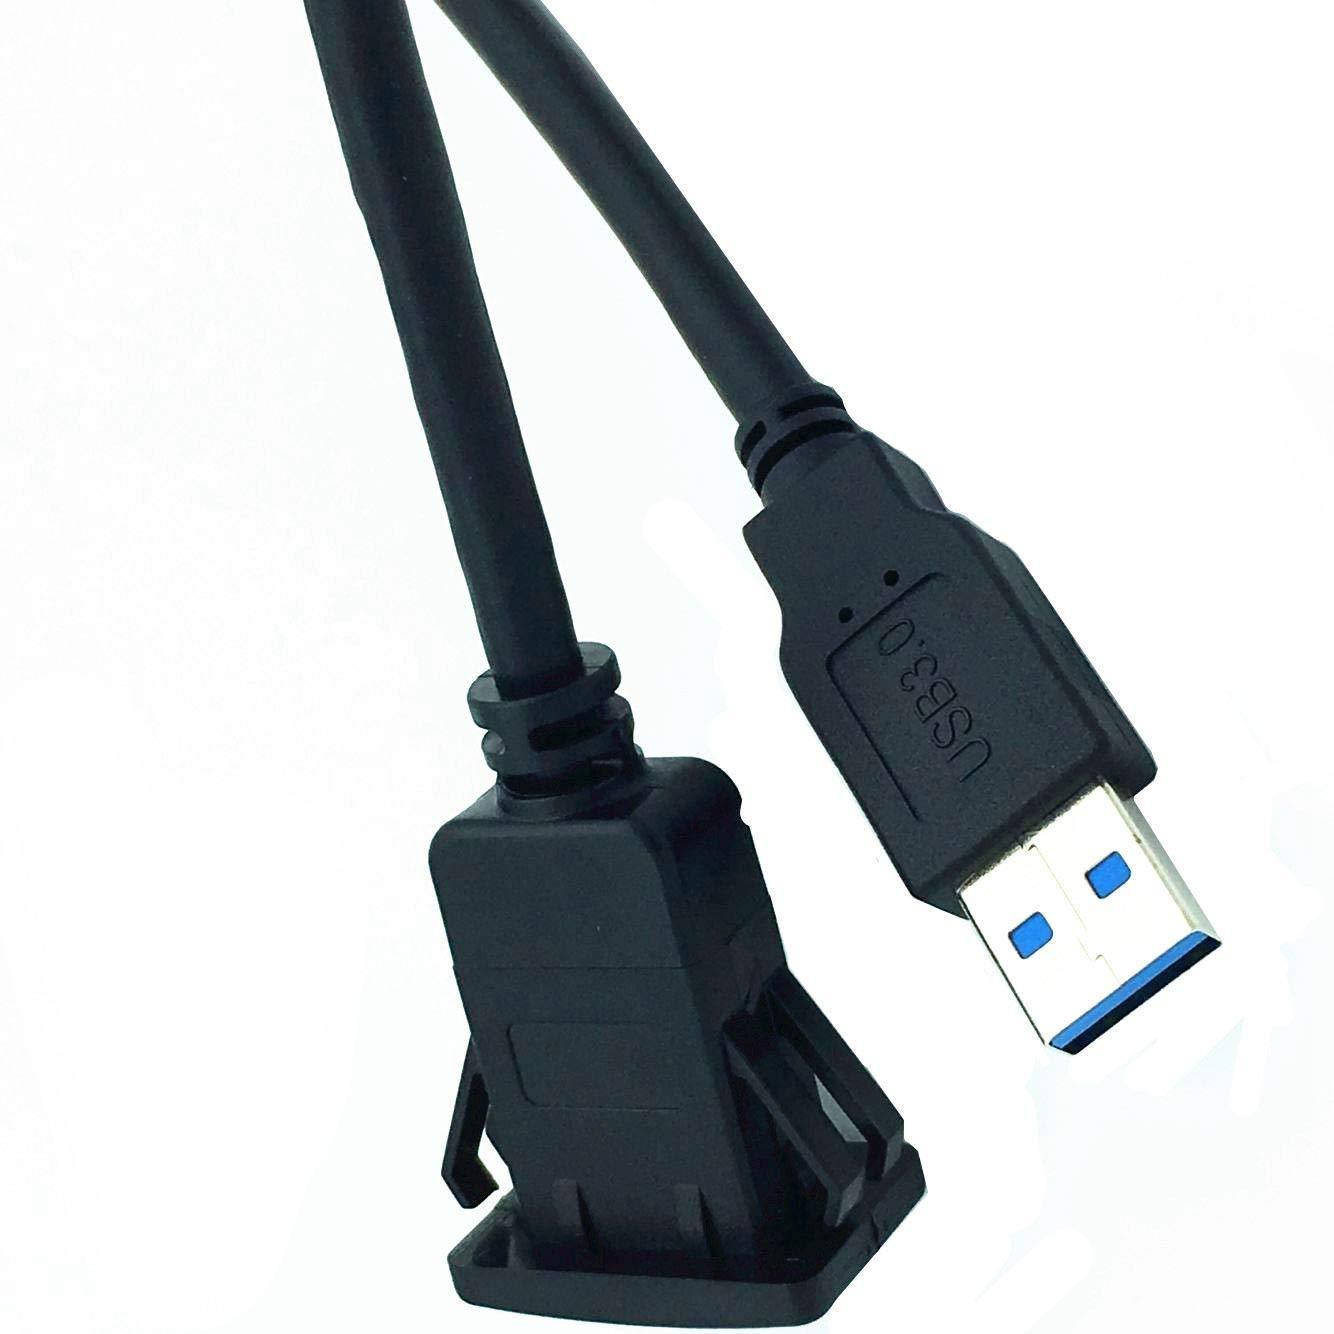 Semoic Cable DExtension De Montage De Panneau Encastr/é USB 3.0 Male /à Femelle Aux pour Tableau De Bord De Voiture Camion Bateau Moto 2M